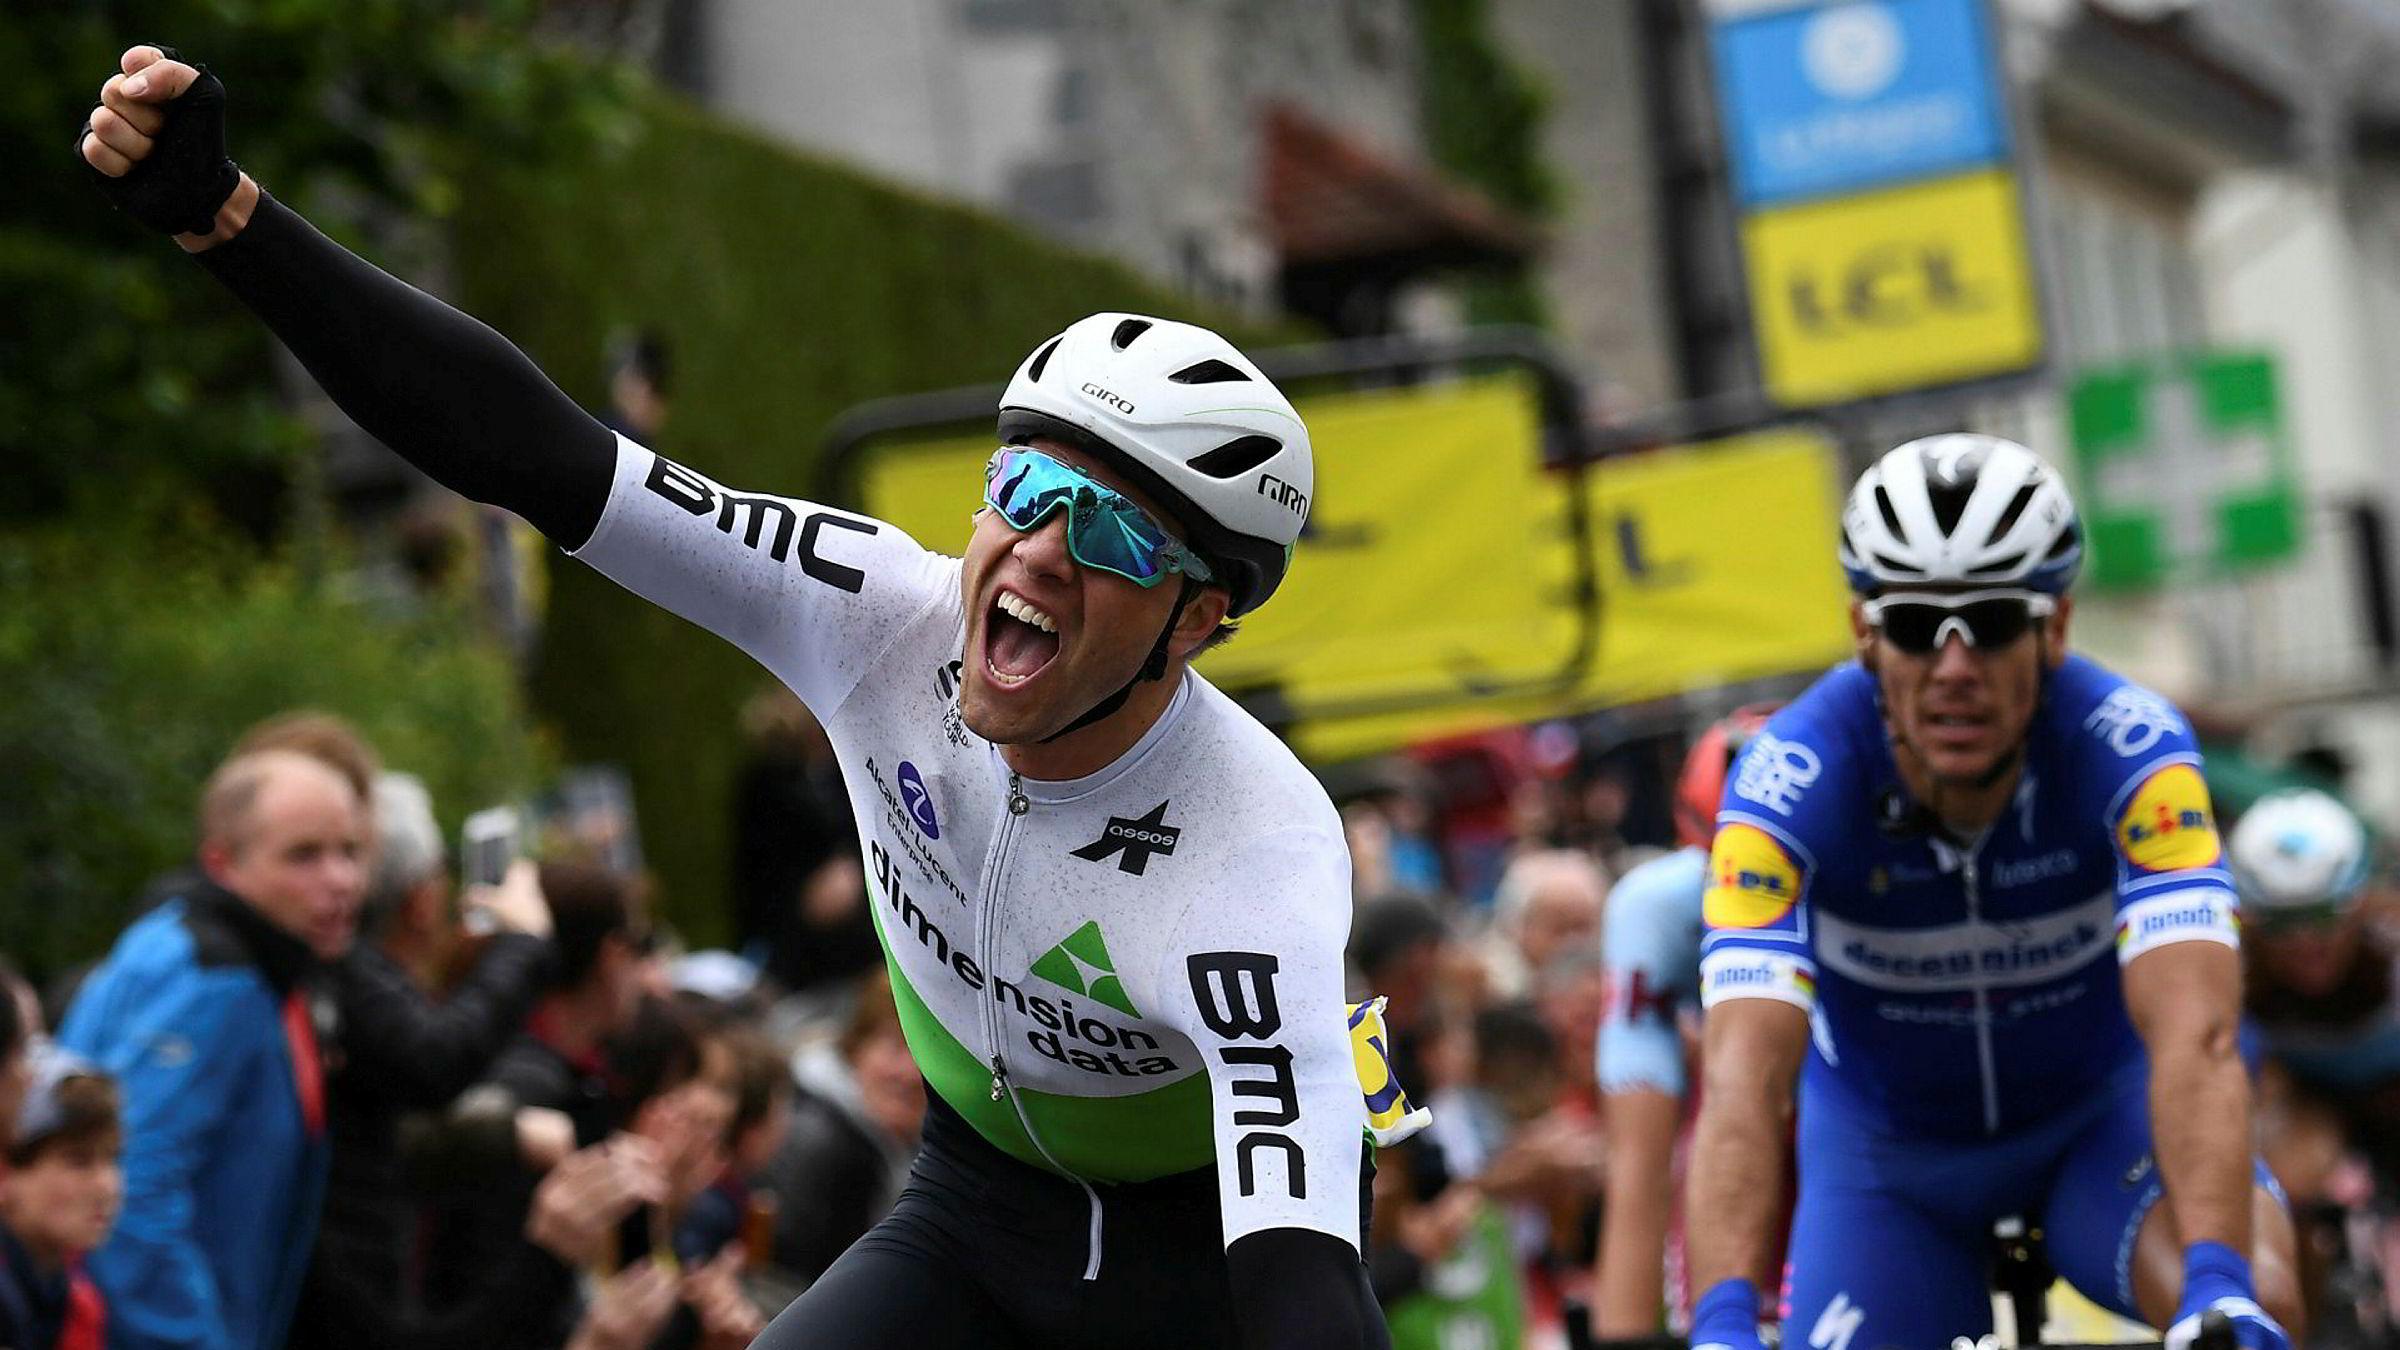 Edvald Boasson Hagen har grunn til å feire mer enn å krysse målstreken, slik han gjør på dette bildet tatt i fjor.